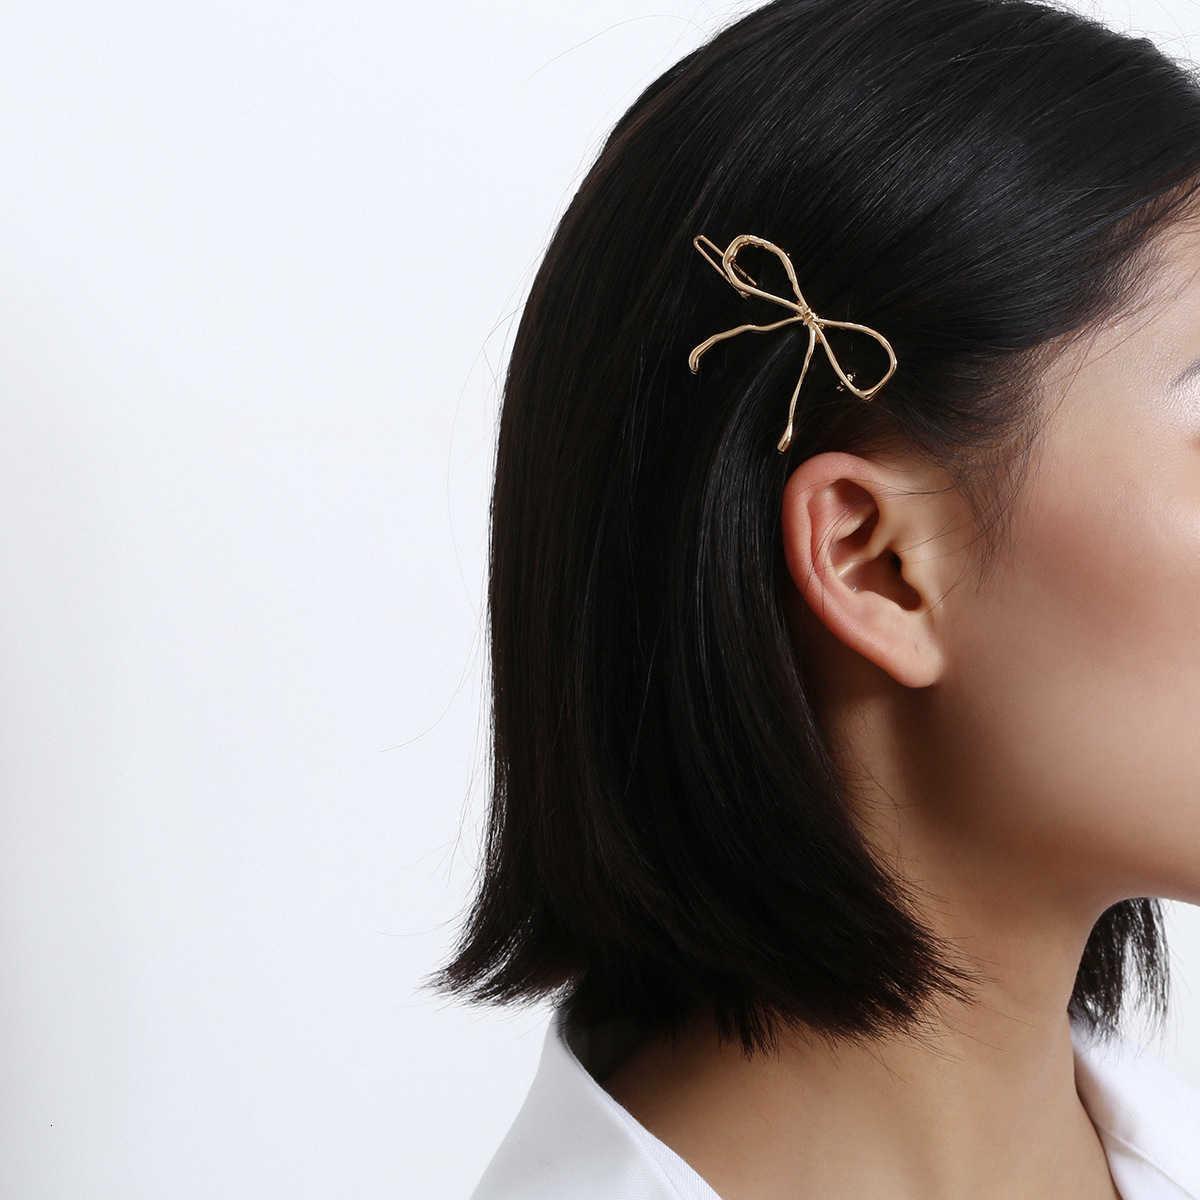 Takı moda kelebek phnom penh headdress ile kombine Korece kadın metal firkete banger